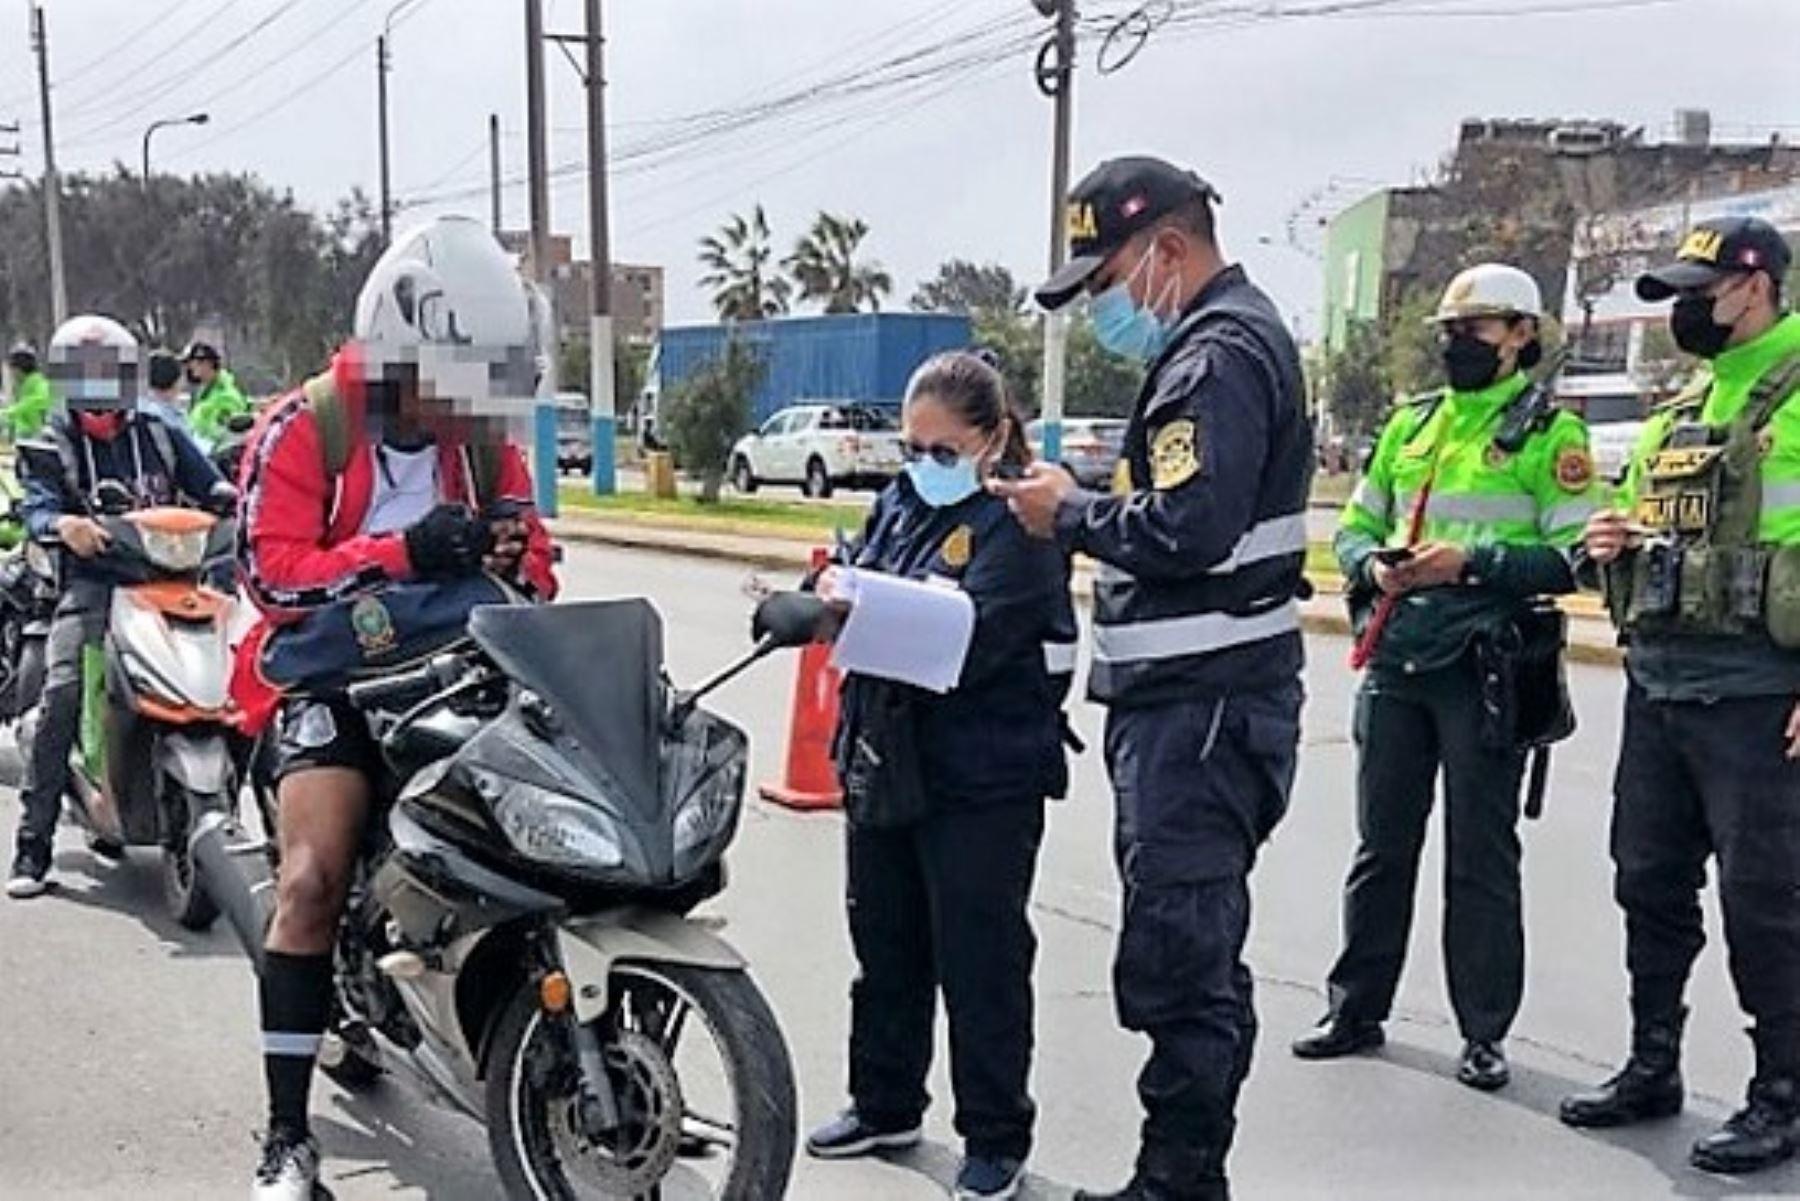 Fiscales de Prevención del Delito lideran operativo de control de motos lineales en la avenida Tomás Valle, Callao. Foto: Ministerio Público/Difusión